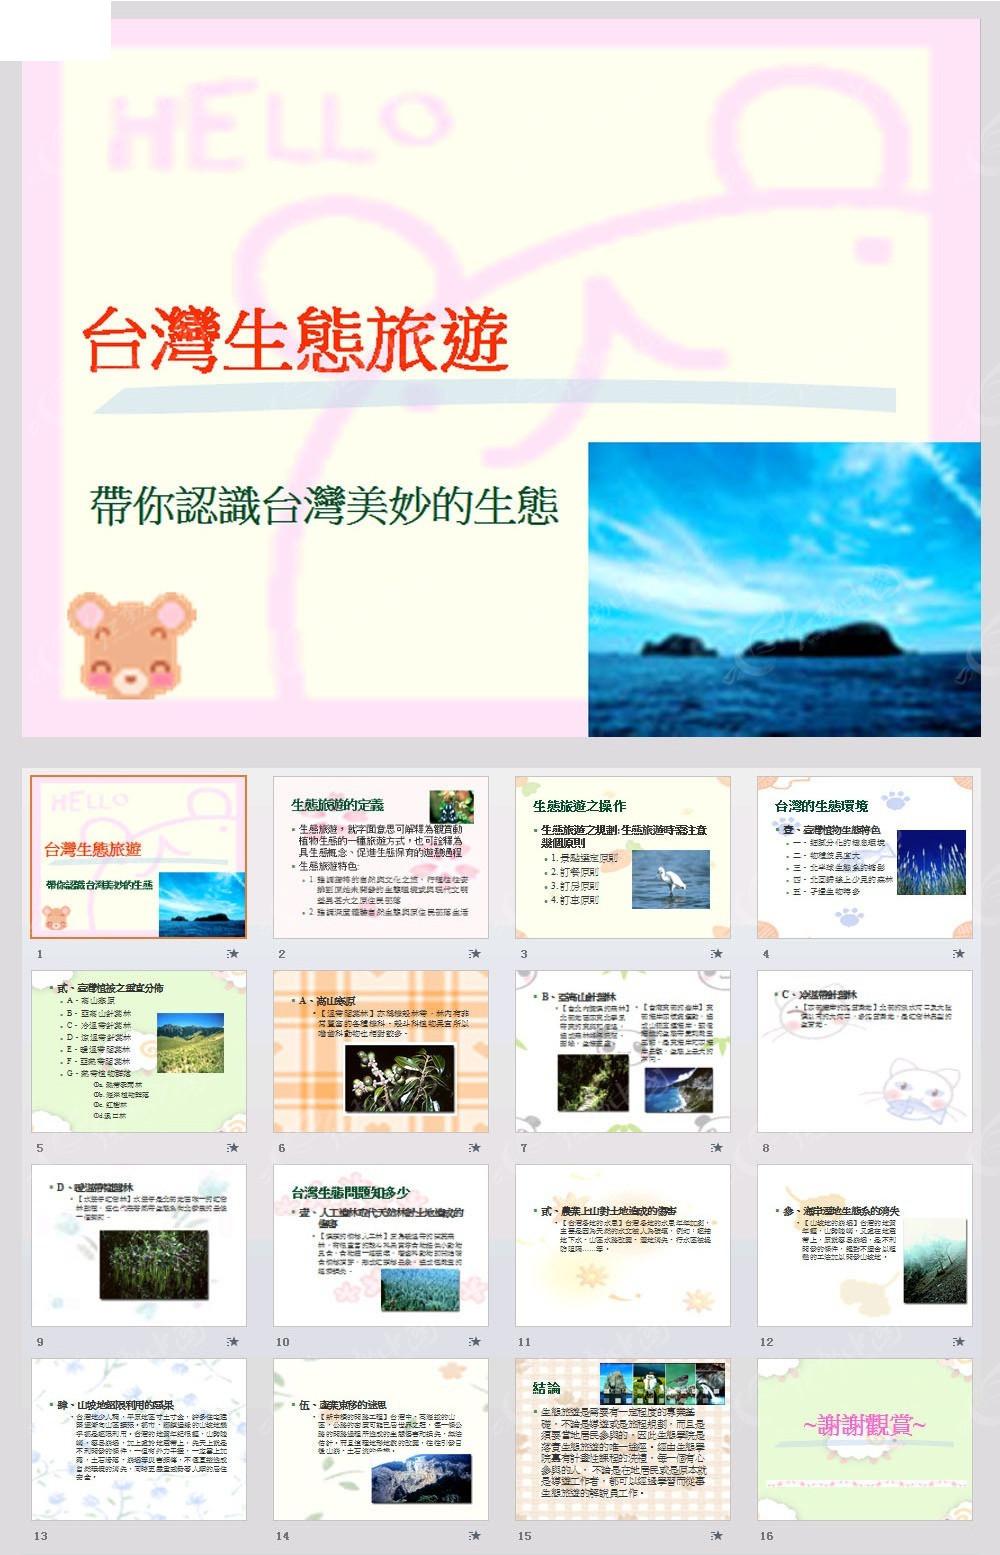 台湾 生态 旅游ppt 企业商务